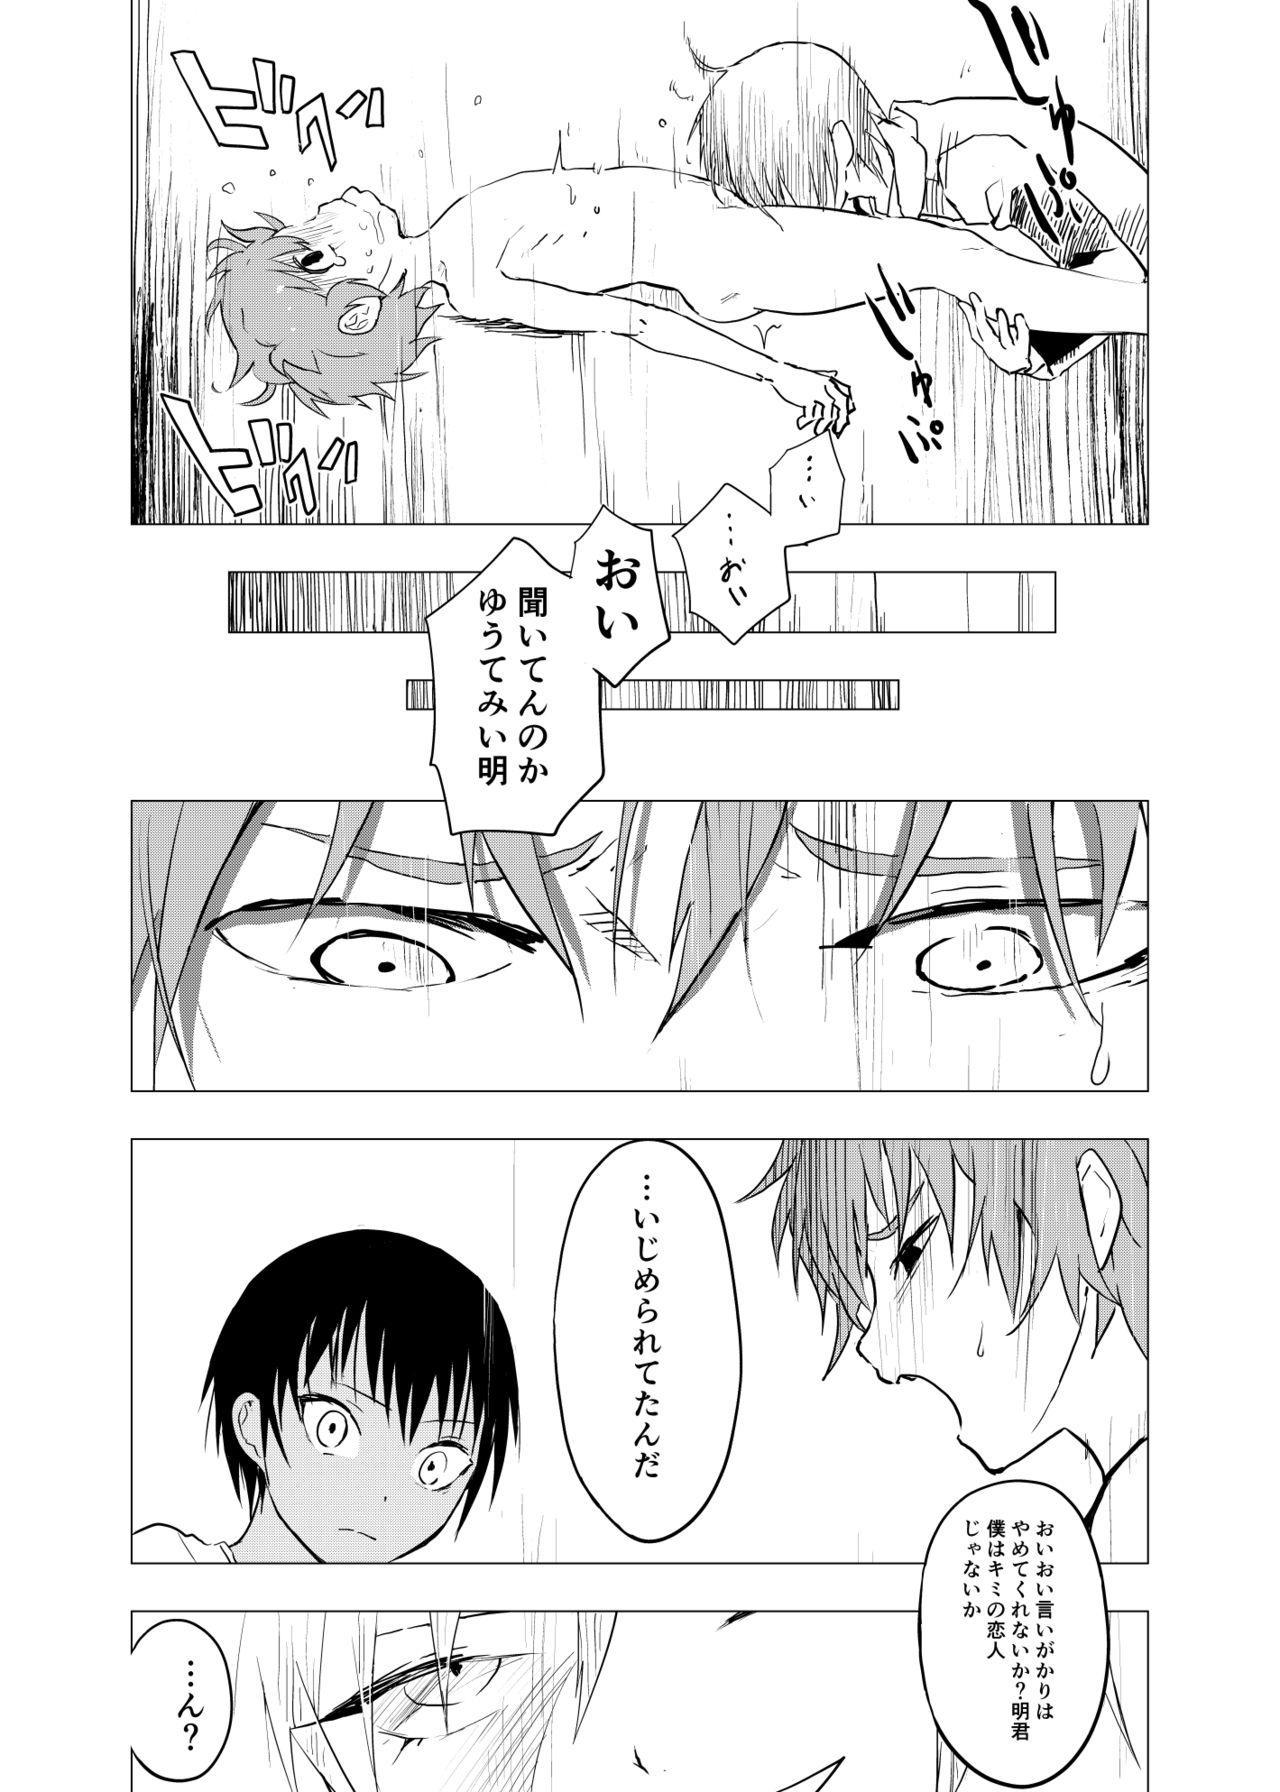 Inaka no Uke Shounen to Tokai no Seme Shounen no Ero Manga 1-6 96